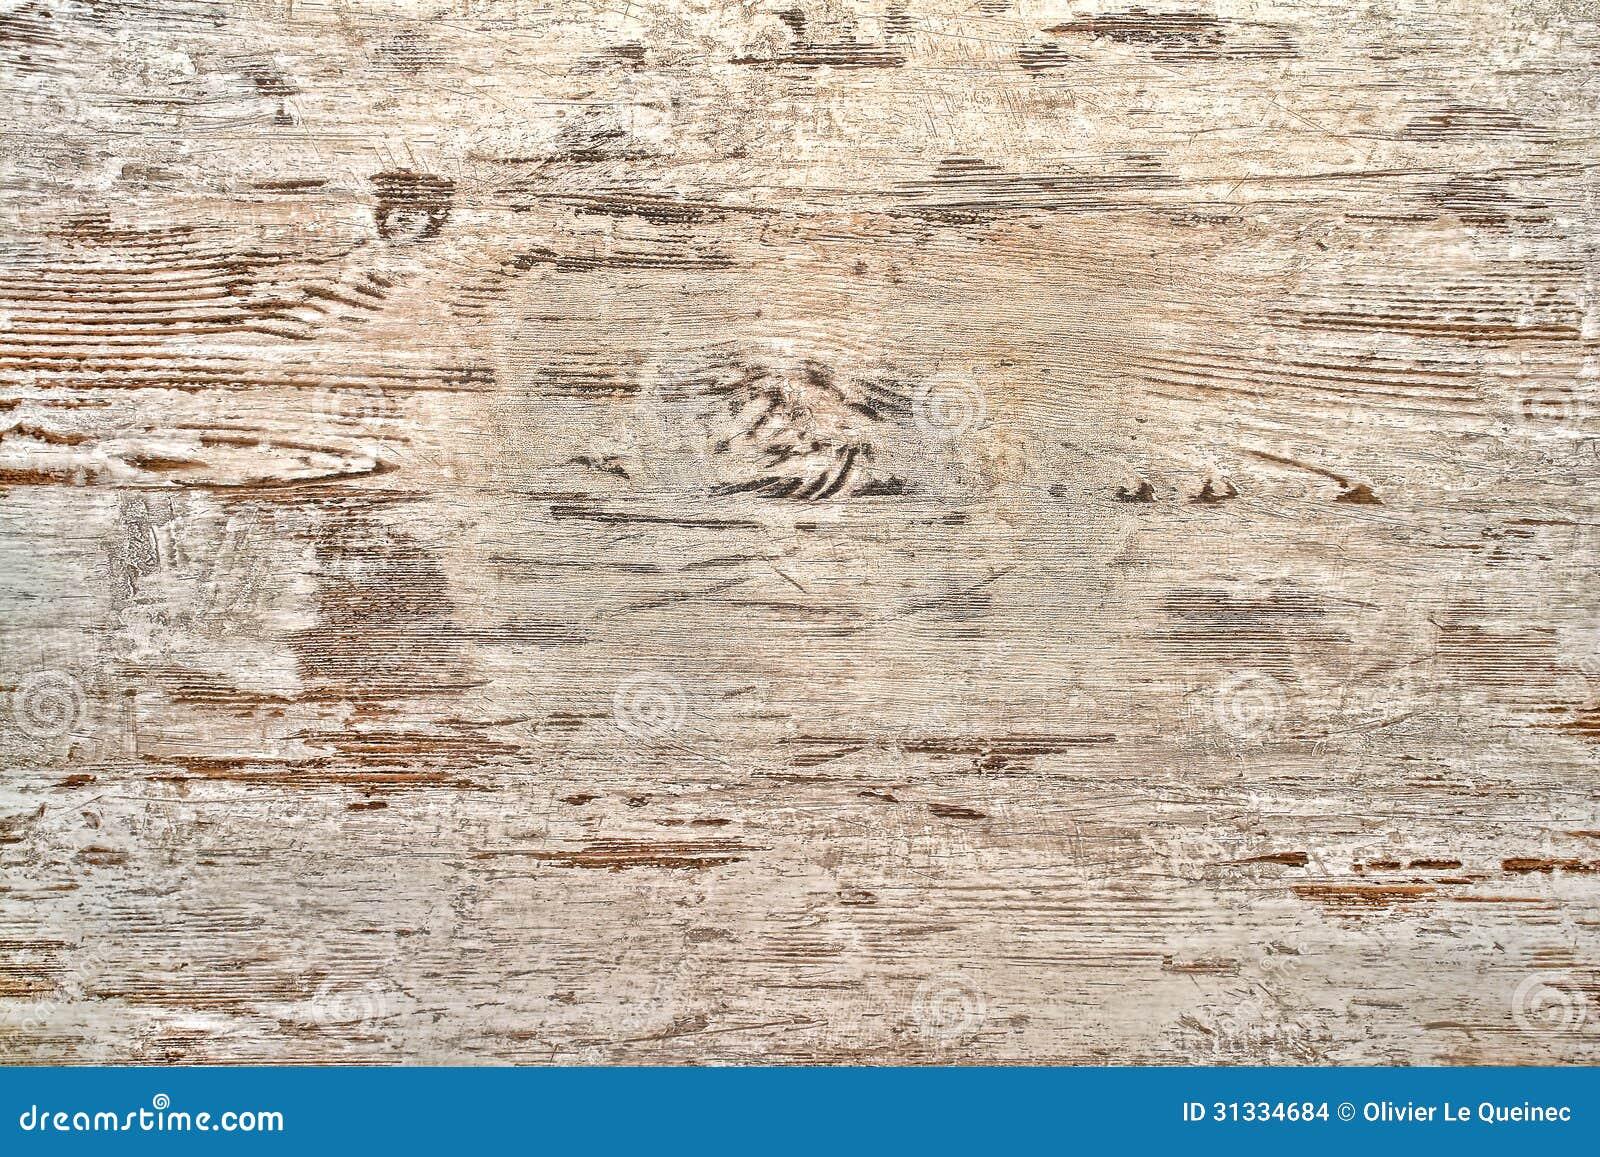 La pintura blanca de la vieja peladura en la madera sube - Madera blanca envejecida ...